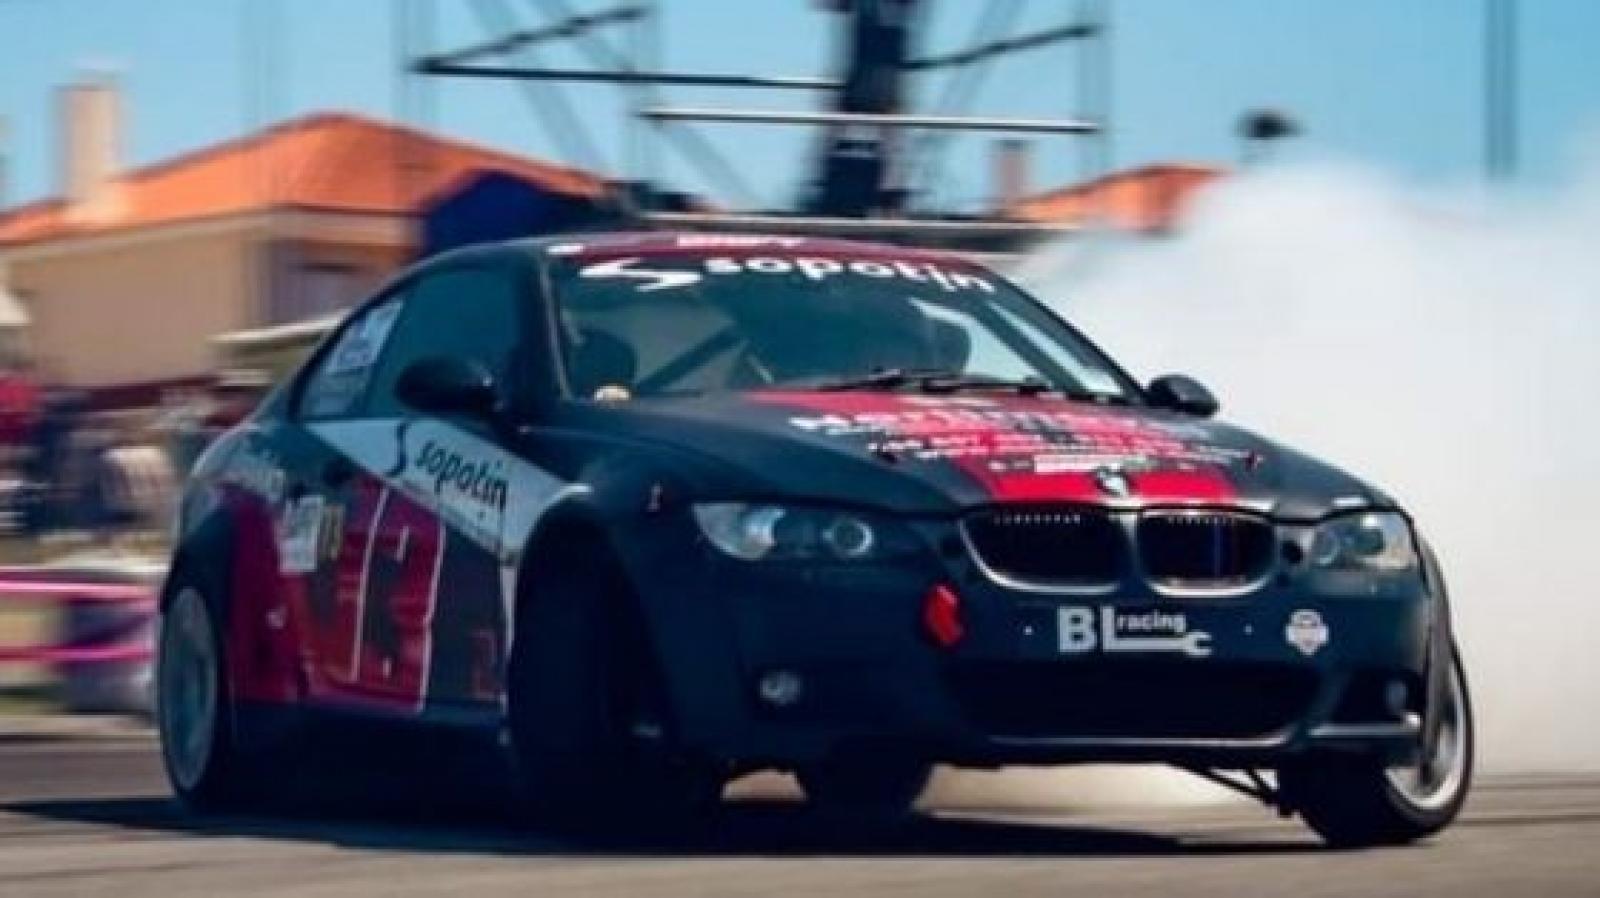 BMW e92 30d - 5